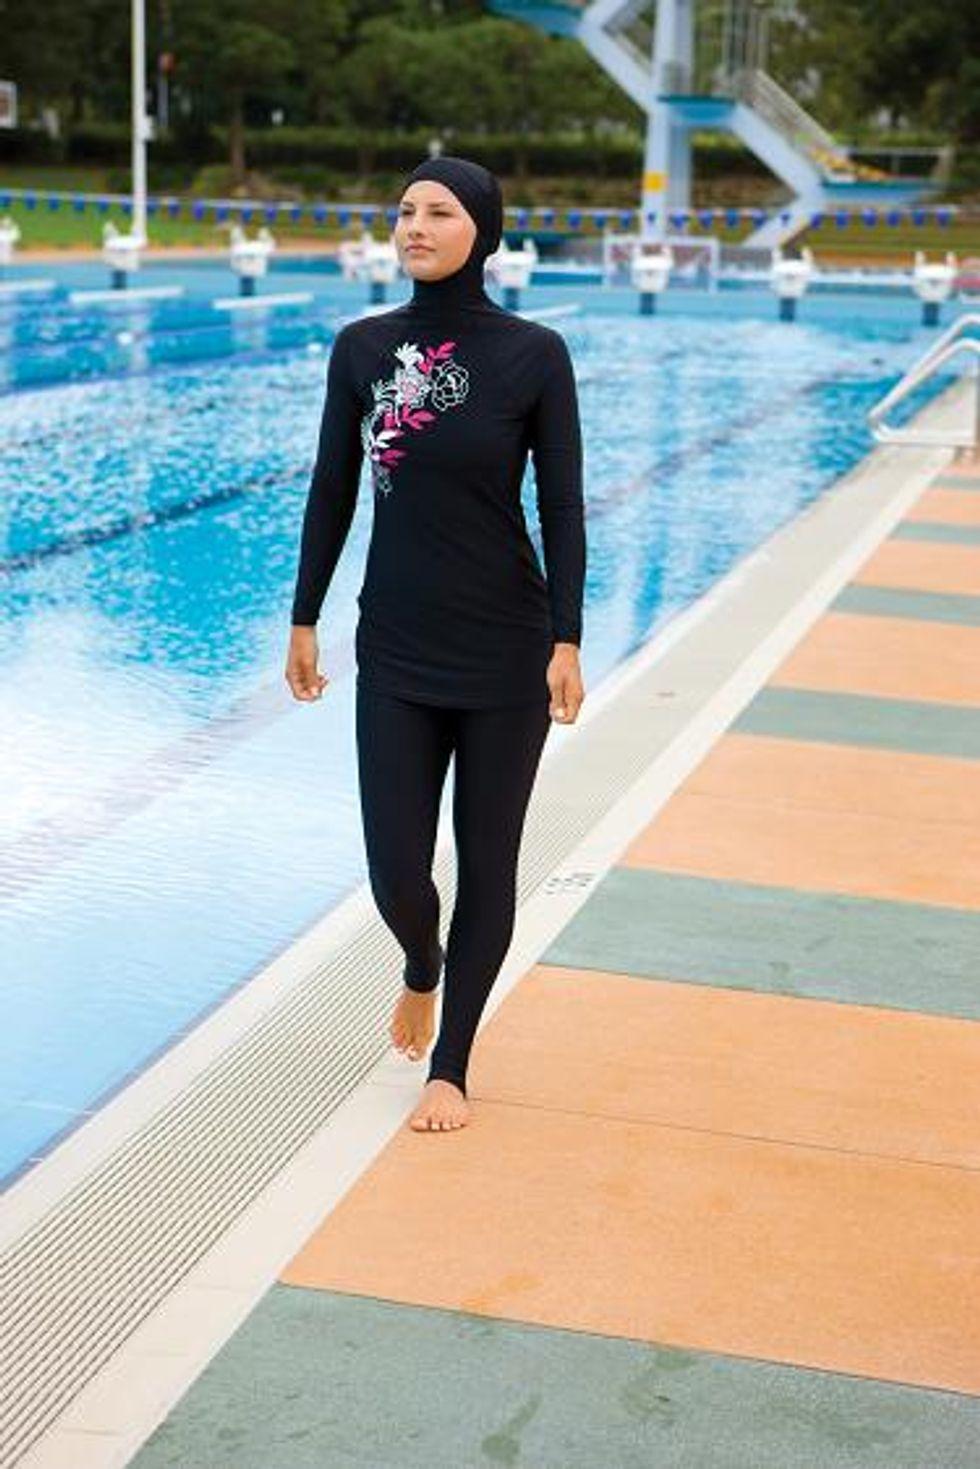 La ragazzina musulmana di Francoforte non può saltare le lezioni di nuoto: c'è il burkini!